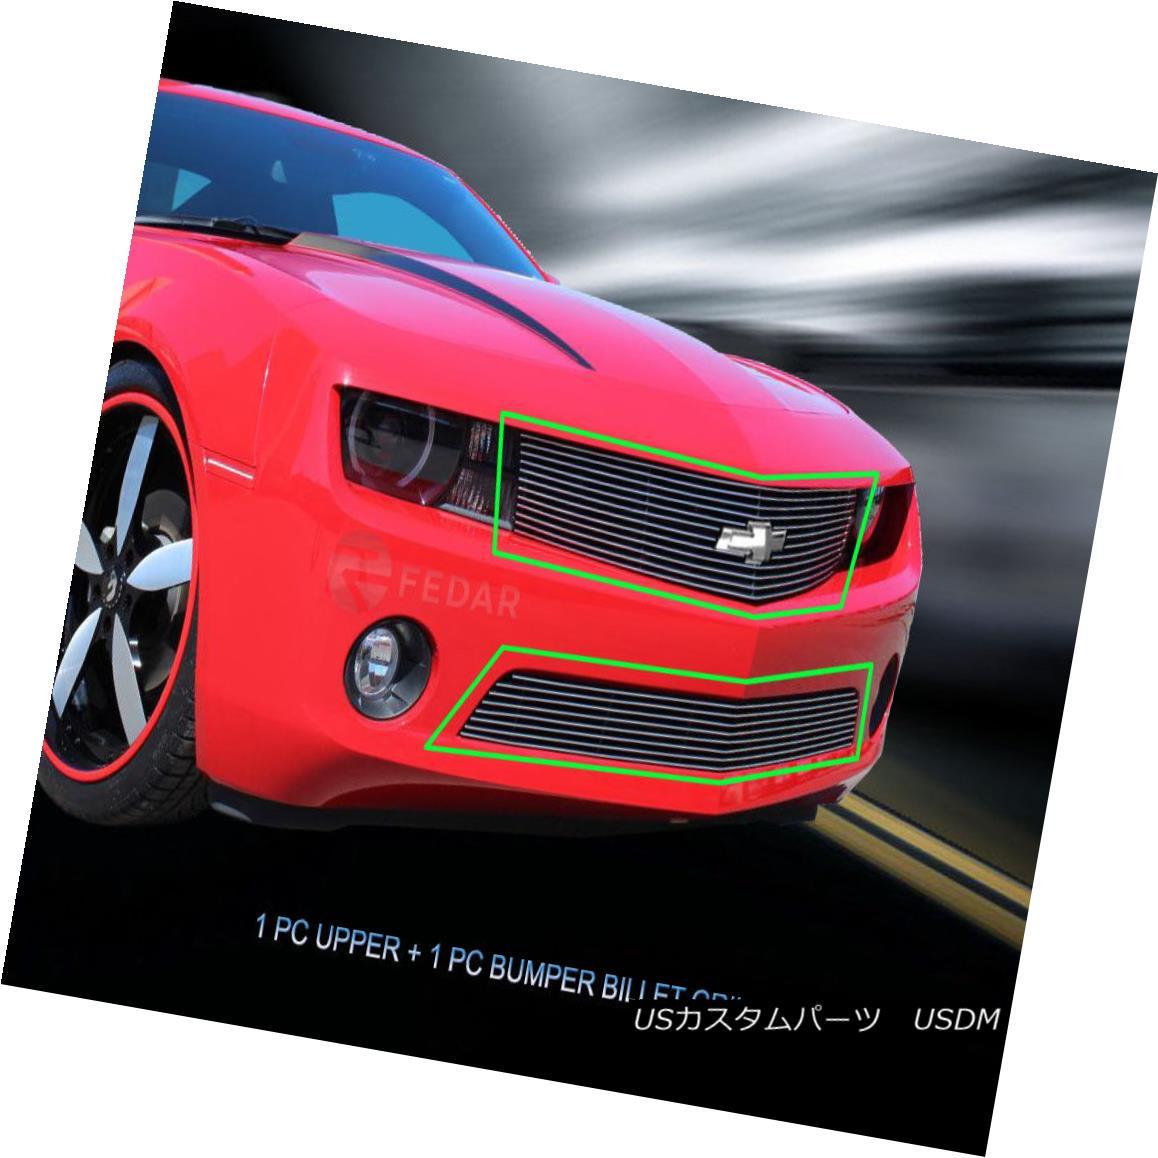 グリル Fedar Fits 10-13 Chevy Camaro LT V6/LS V6 Short Combo Polished Billet Grille Fedar 10-13 Chevy Camaro LT V6 / LS V6ショートコンボポリッシュビレットグリルに適合